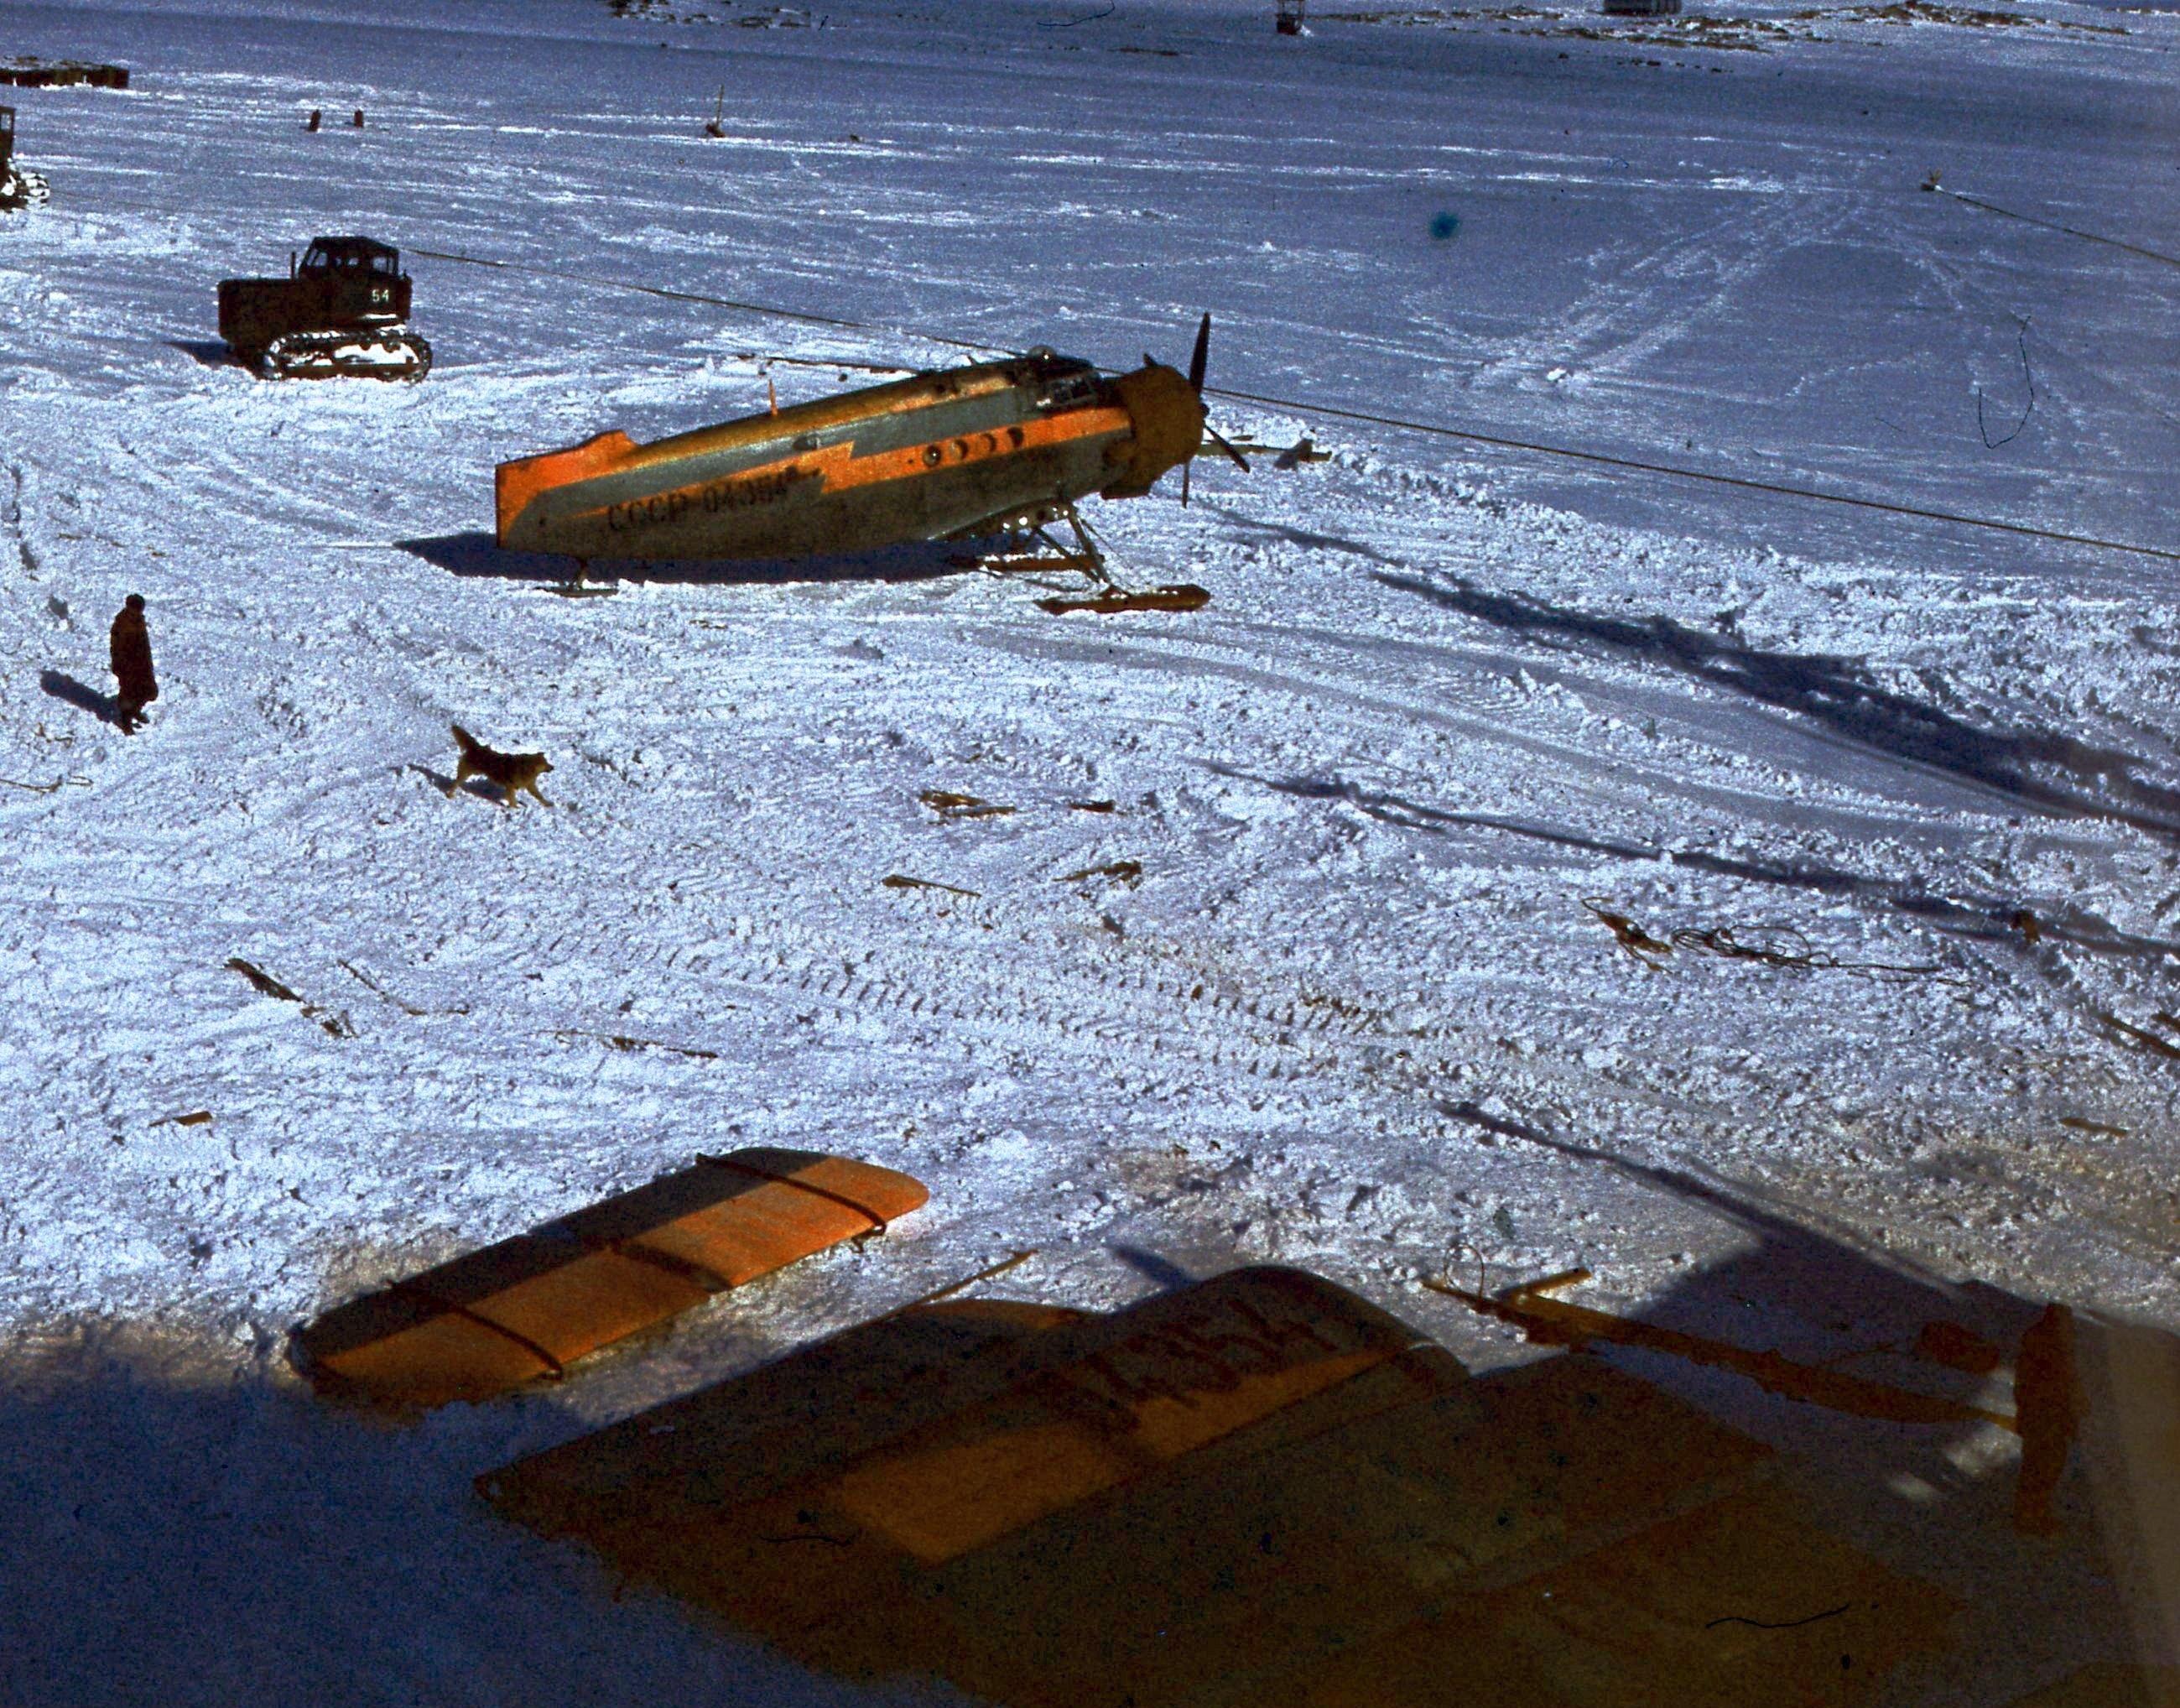 829758 Антарктическая станция _Молодёжная_.jpg